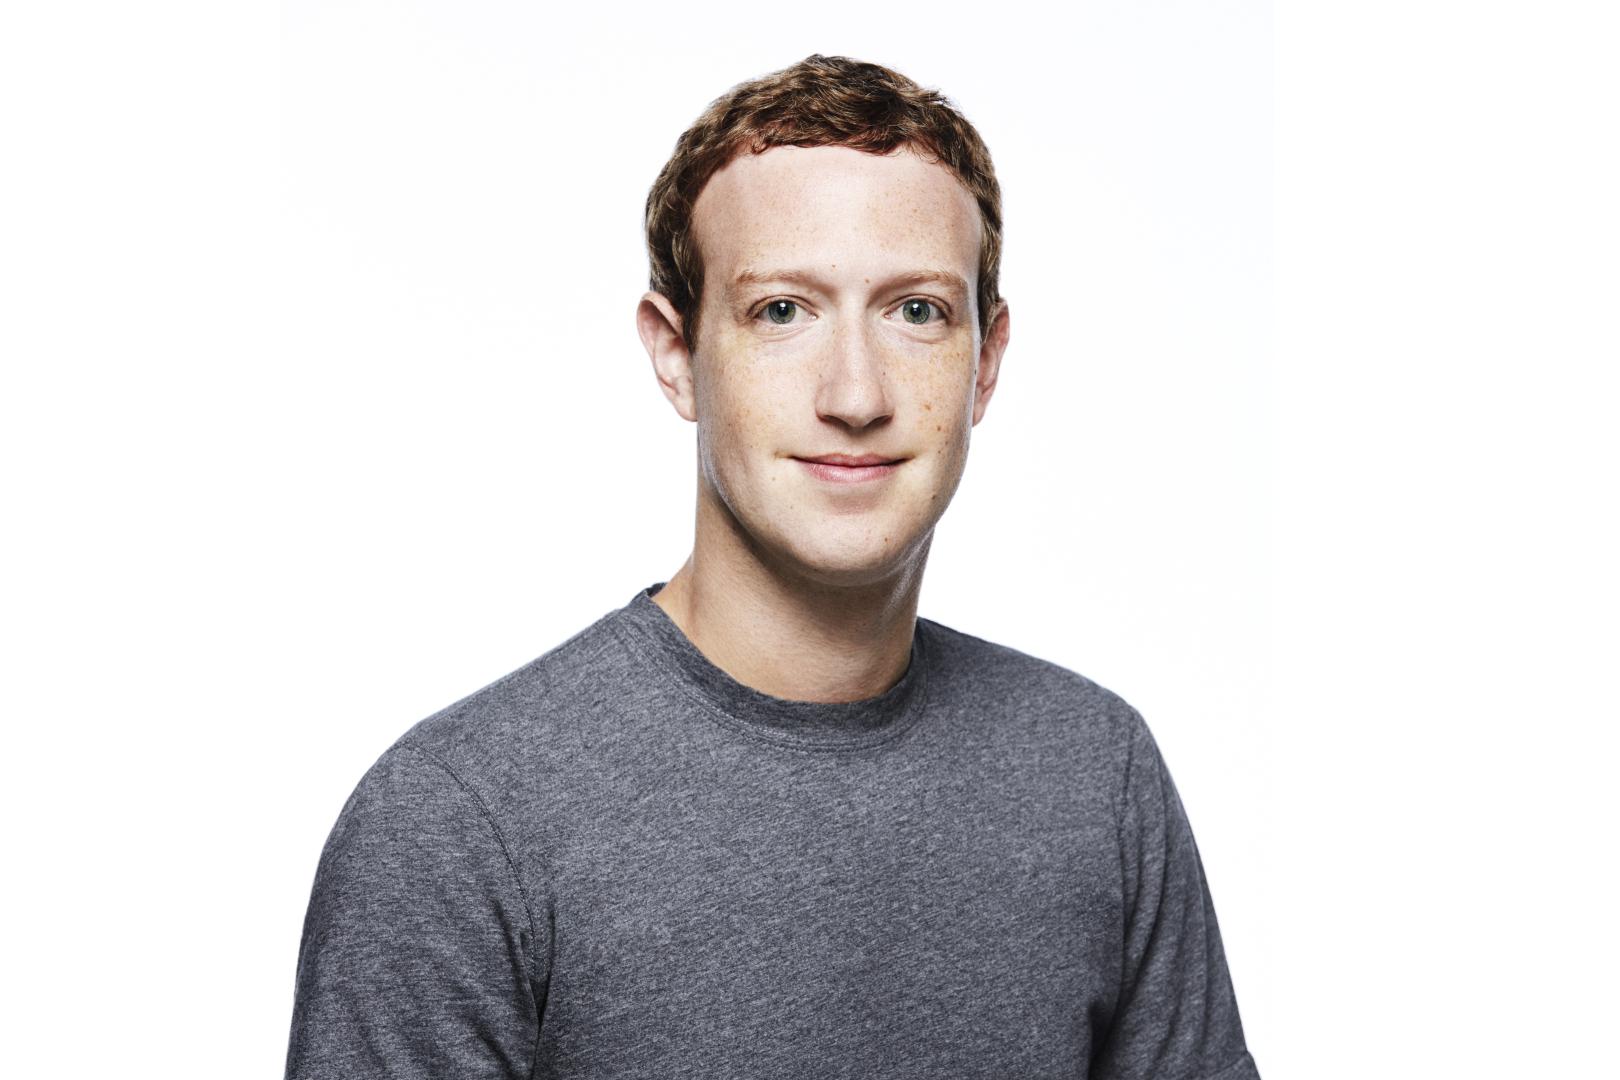 бухлель фото фейсбук вообще